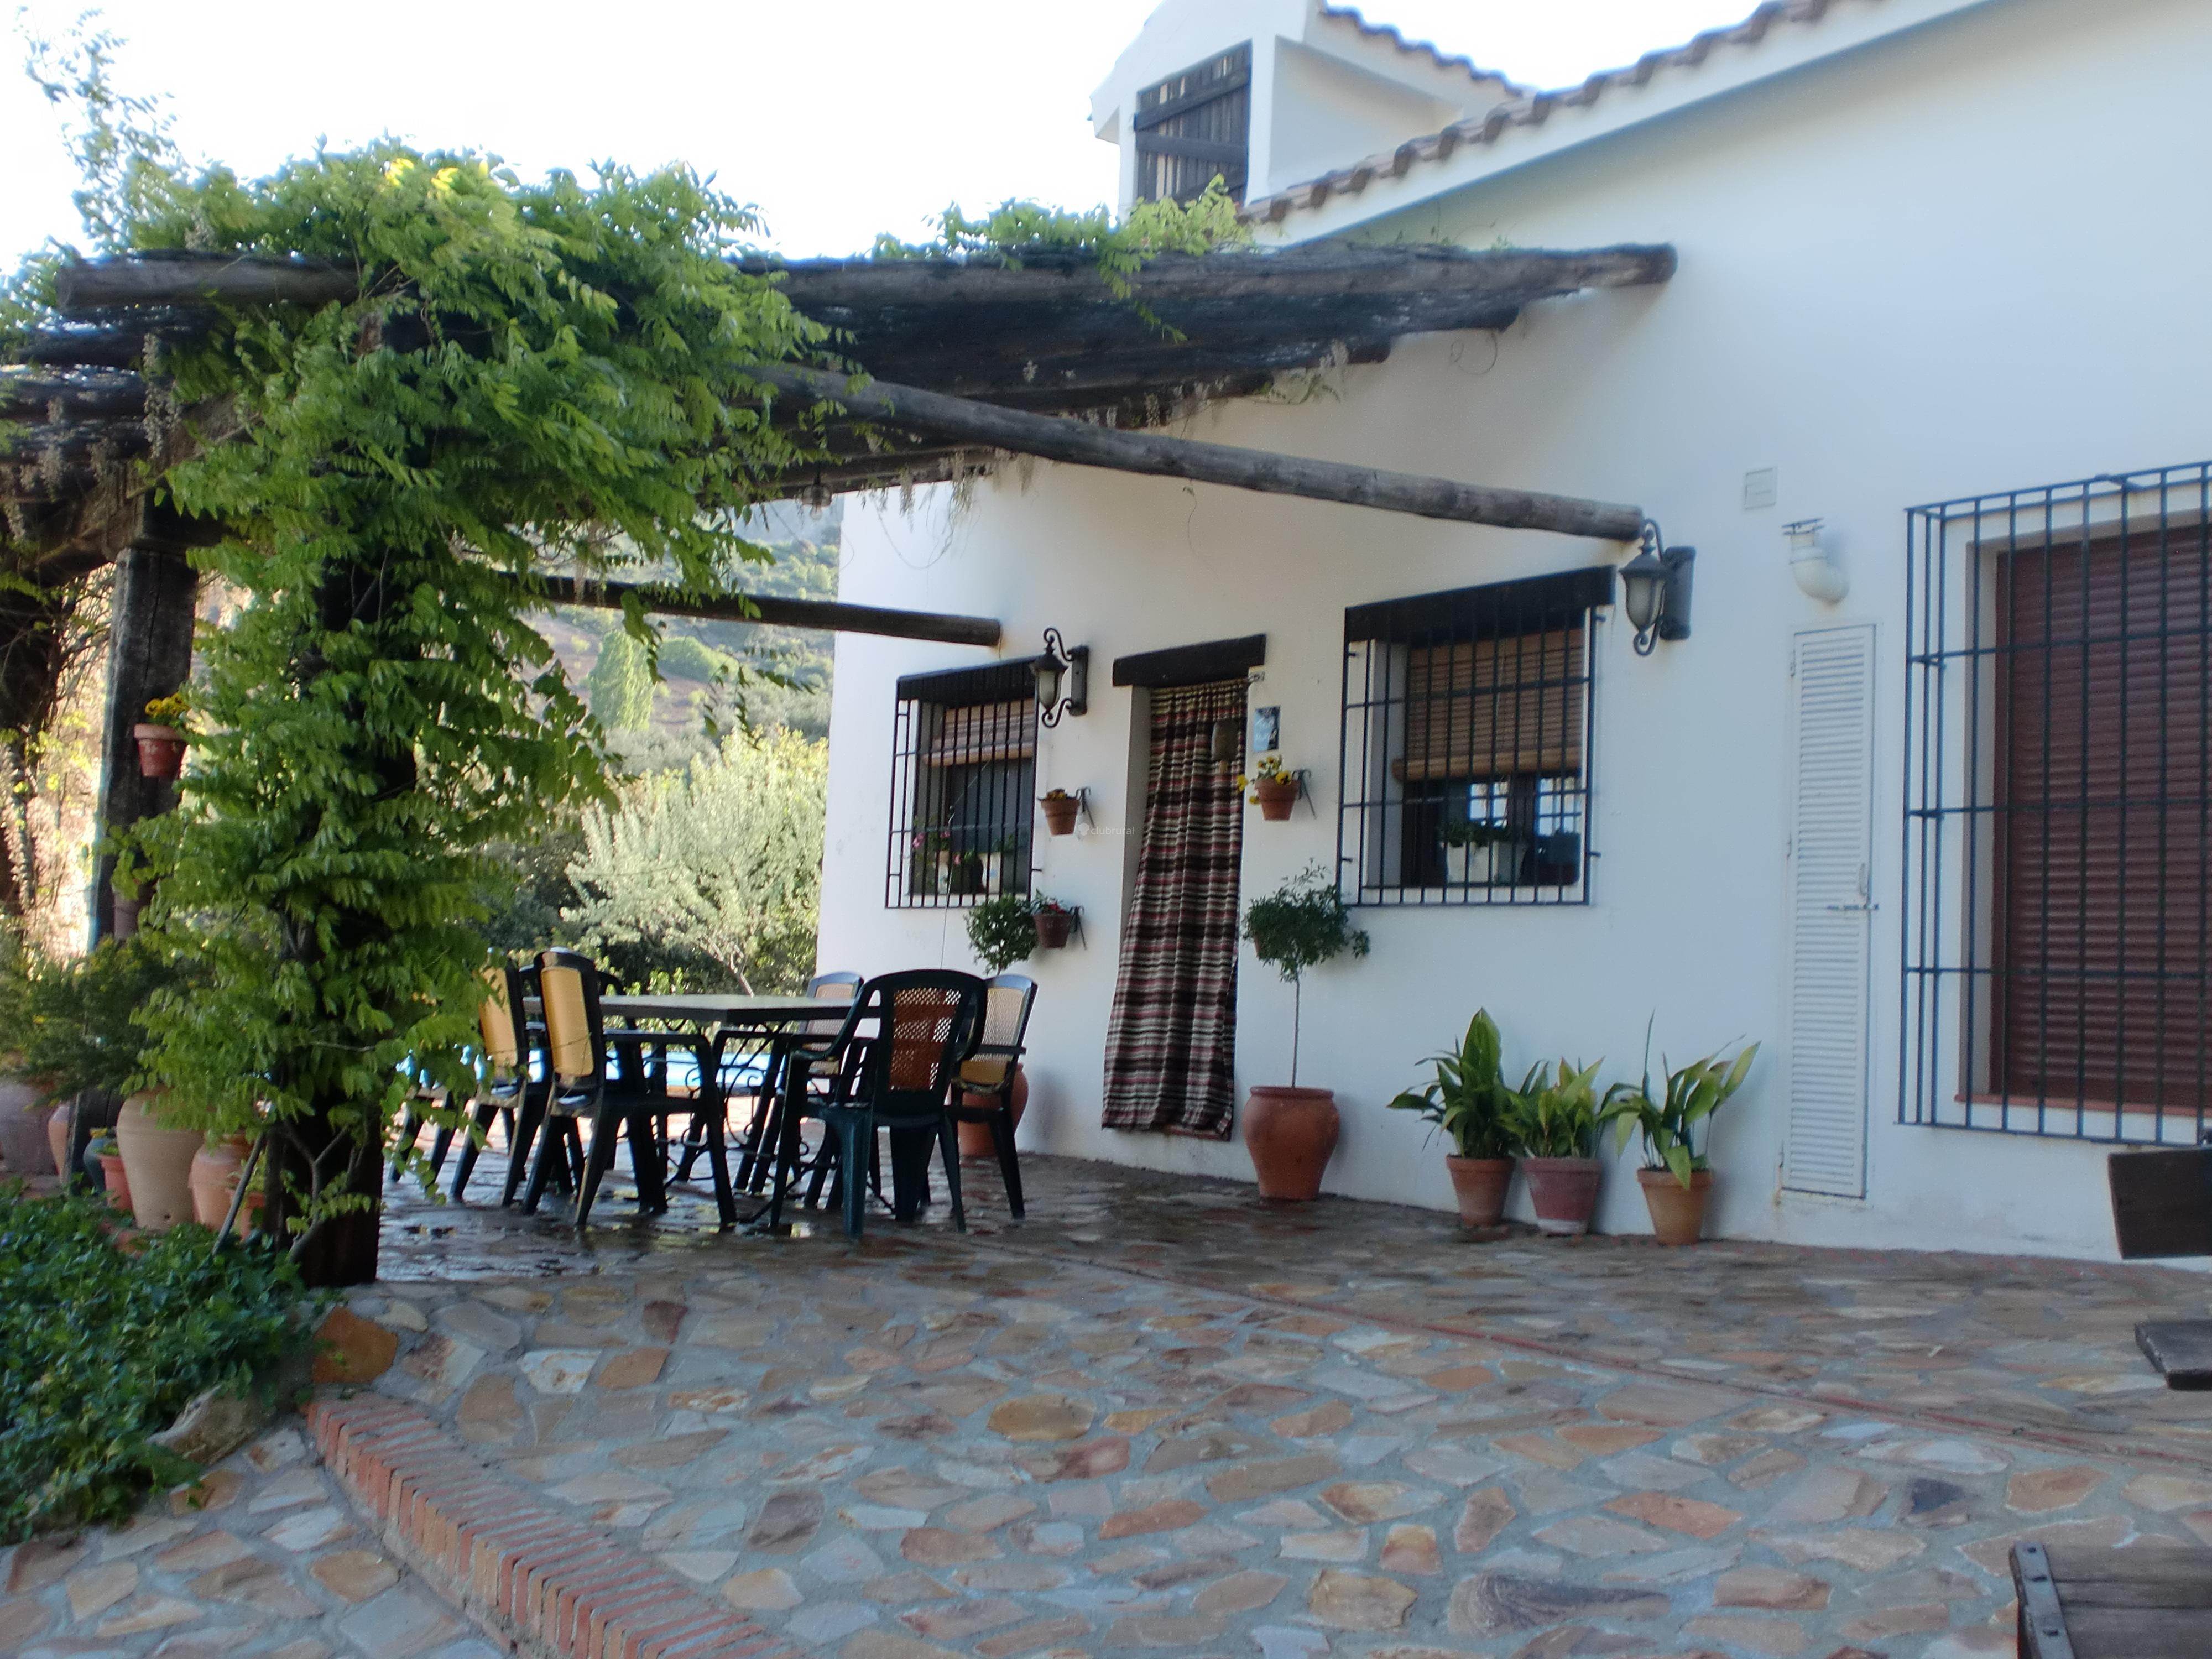 Fotos de cortijo alnarache granada illora clubrural - Granada casa rural ...